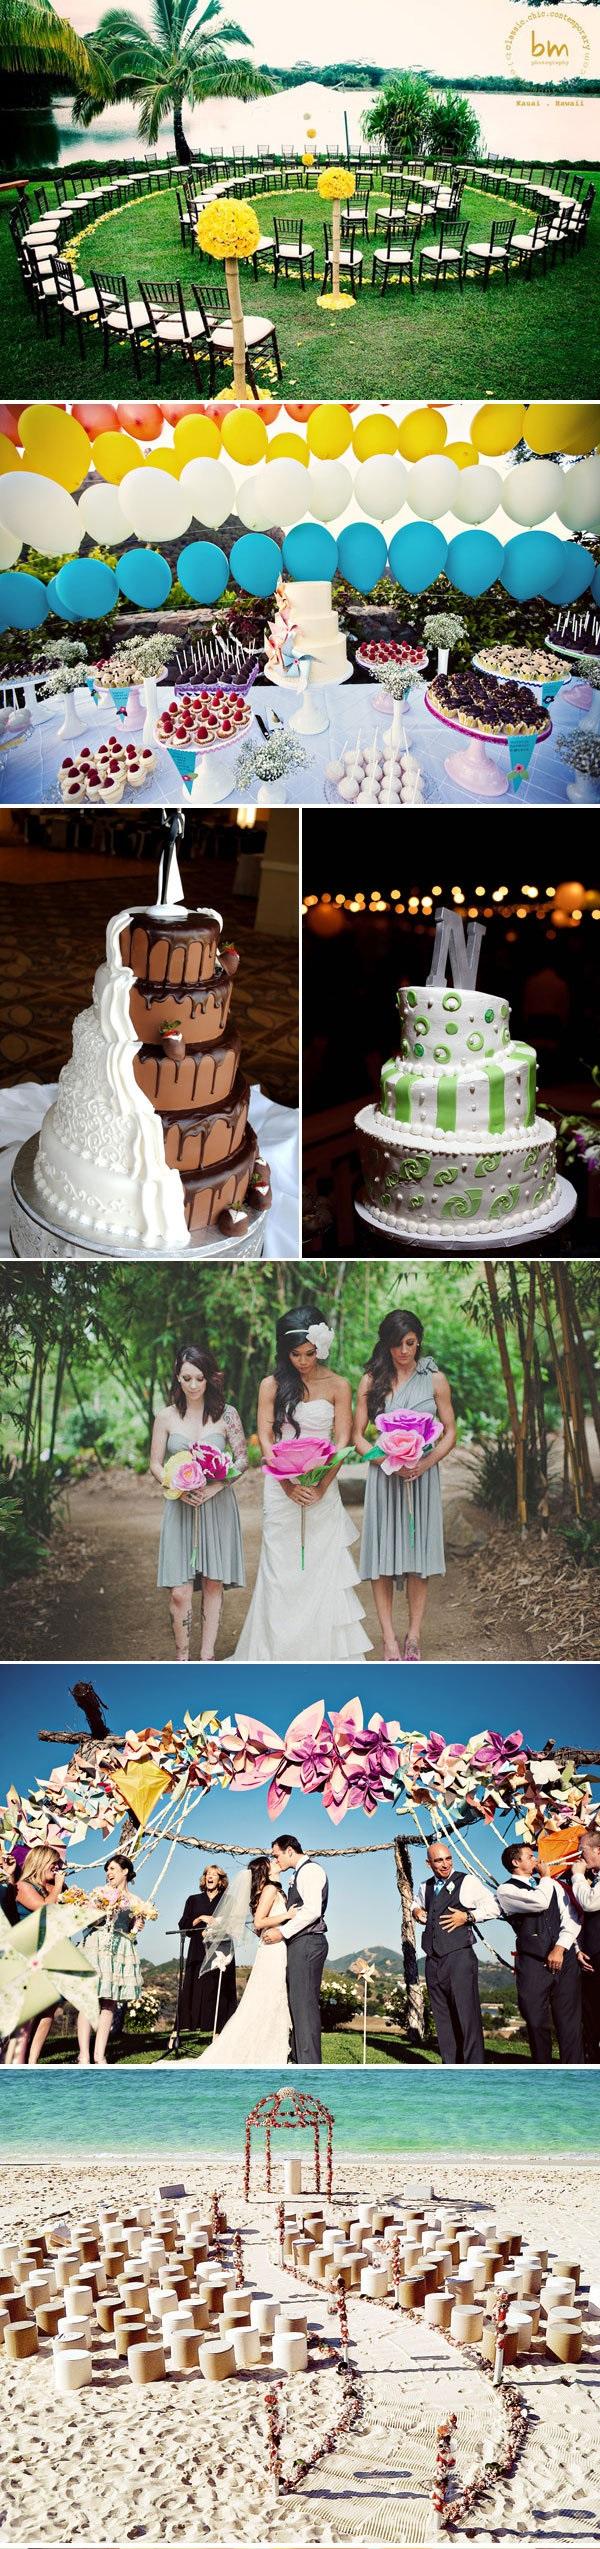 Top 5 phong cách trang trí đám cưới ngoài trời phổ biến nhất hiện nay